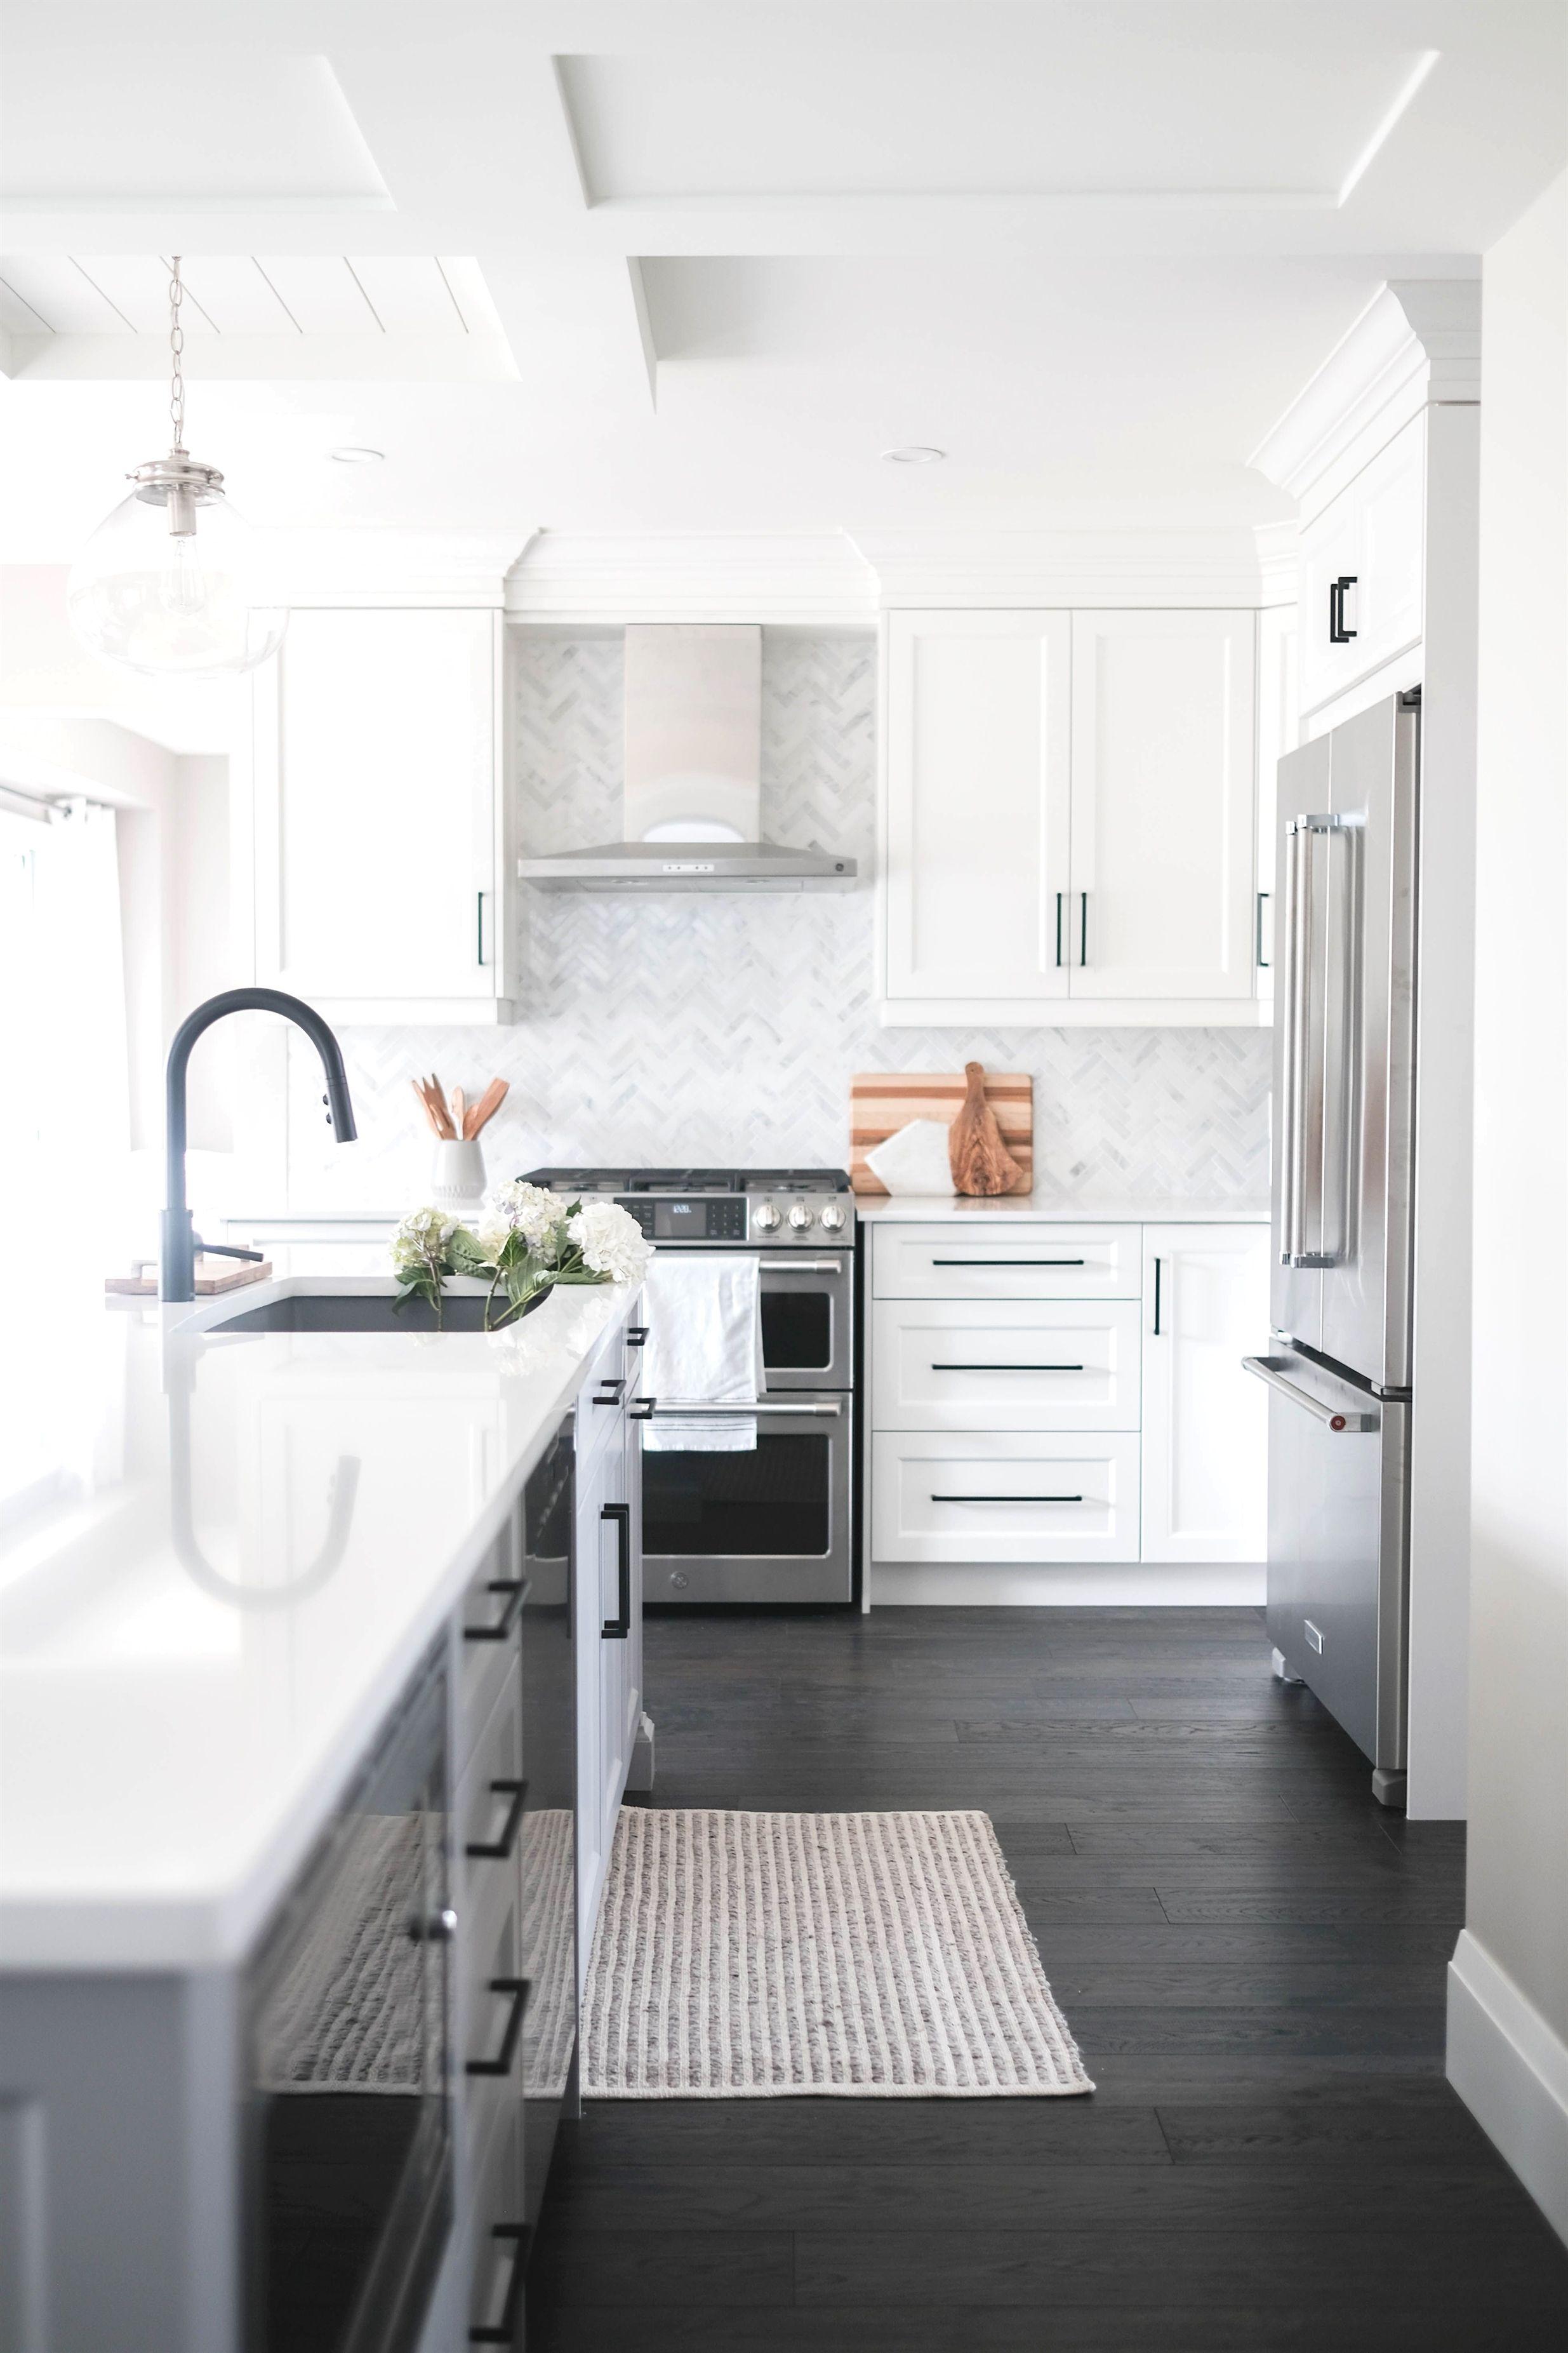 Organisation von küchenschränken grey and white kitchen renovation  the learner observer